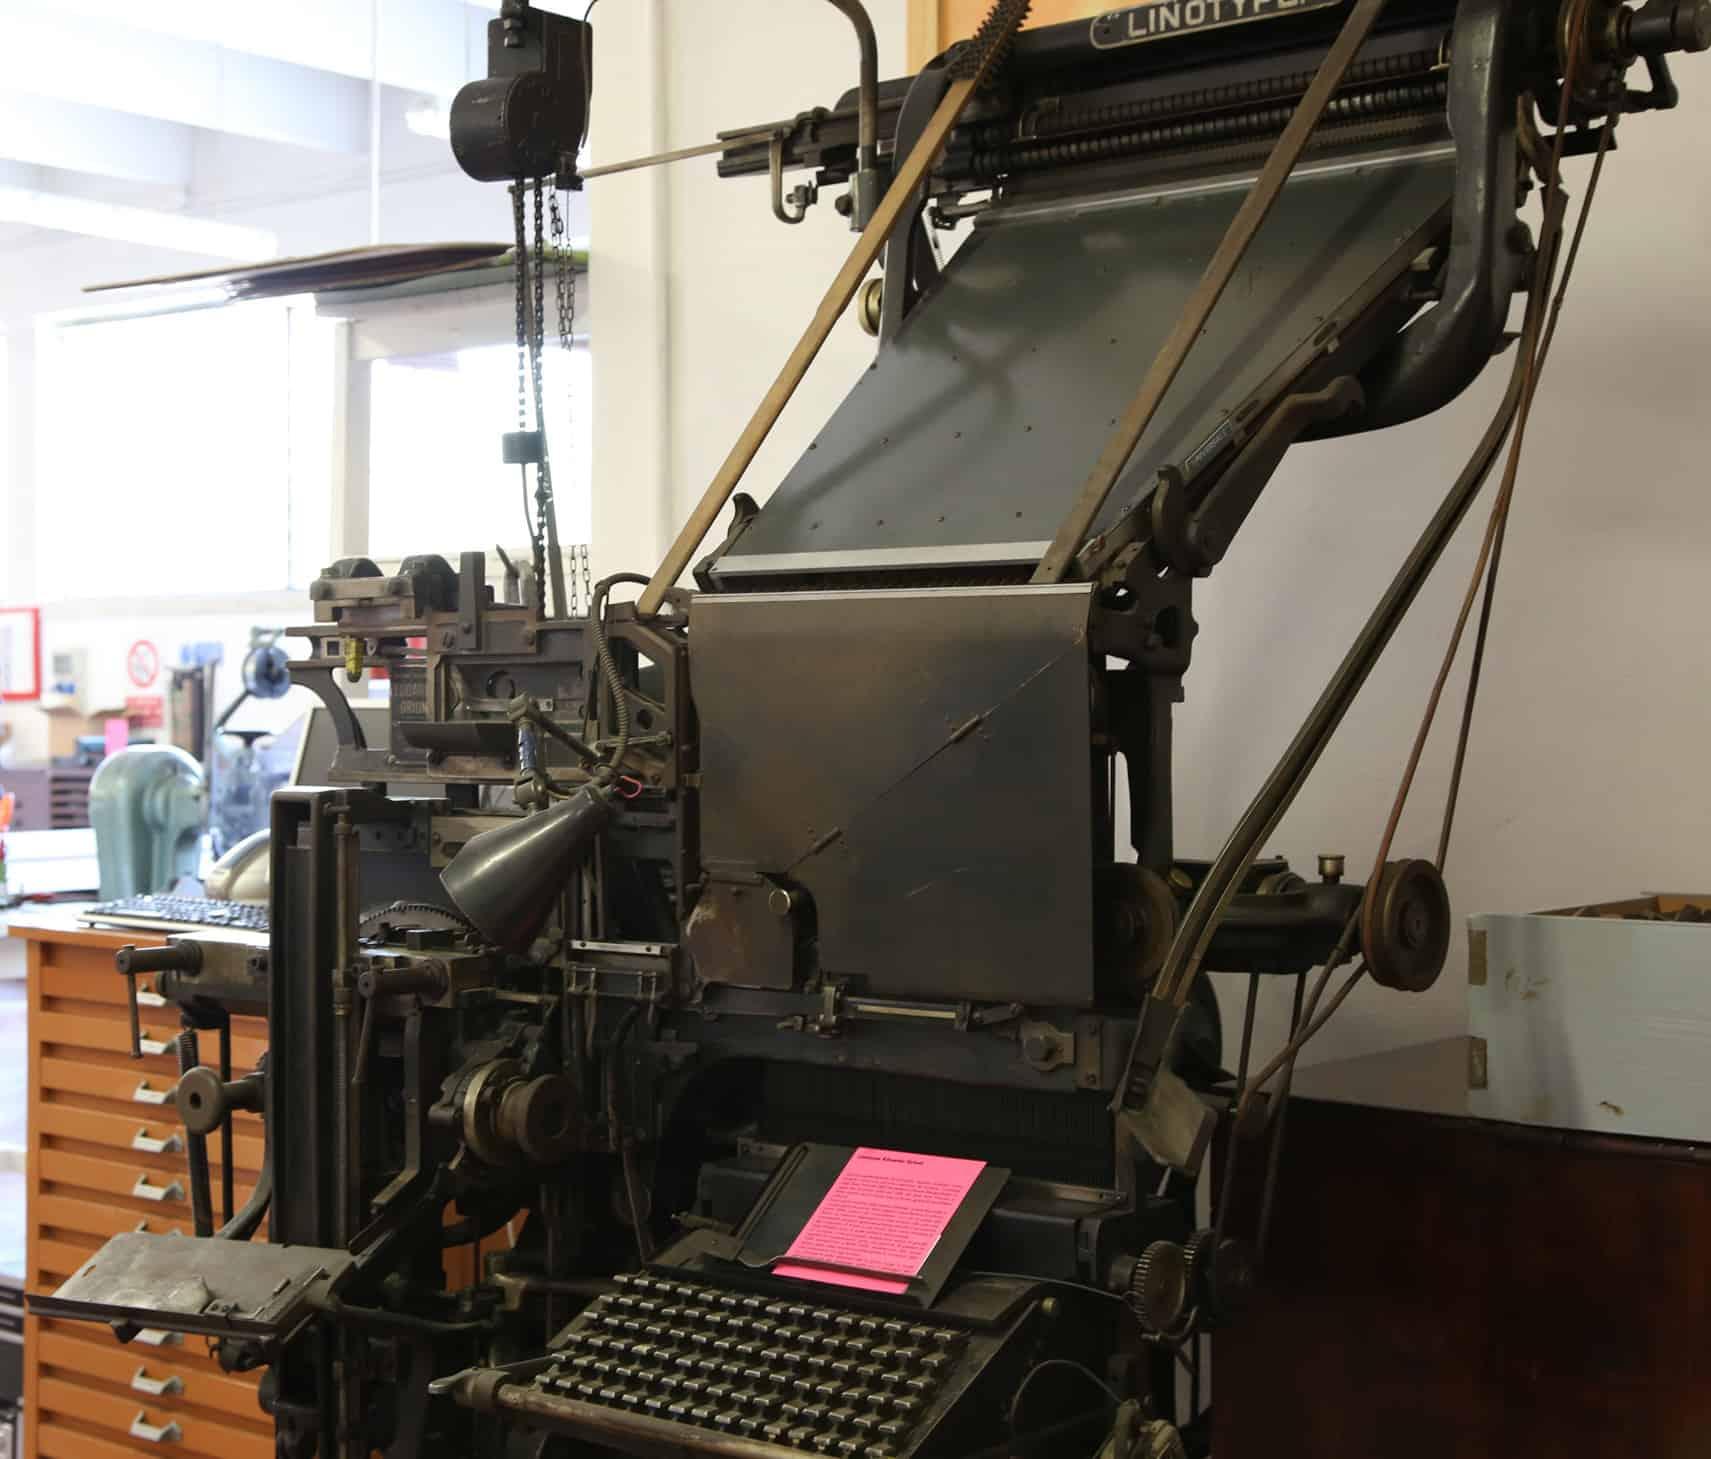 Linotype delle Officine Meccaniche Edoardo Grioni.